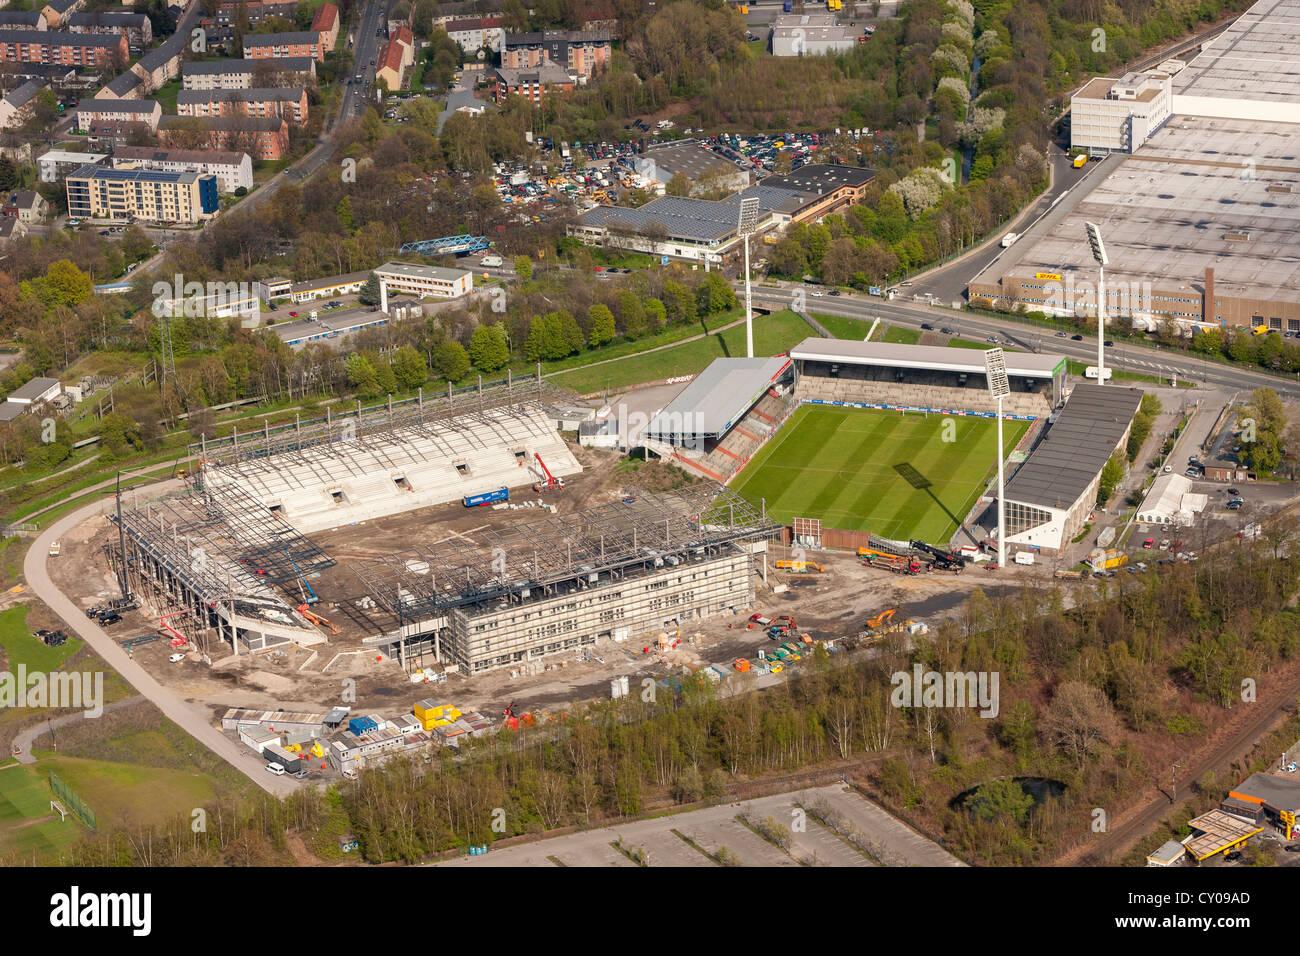 Rot Weiss Essen Stadion